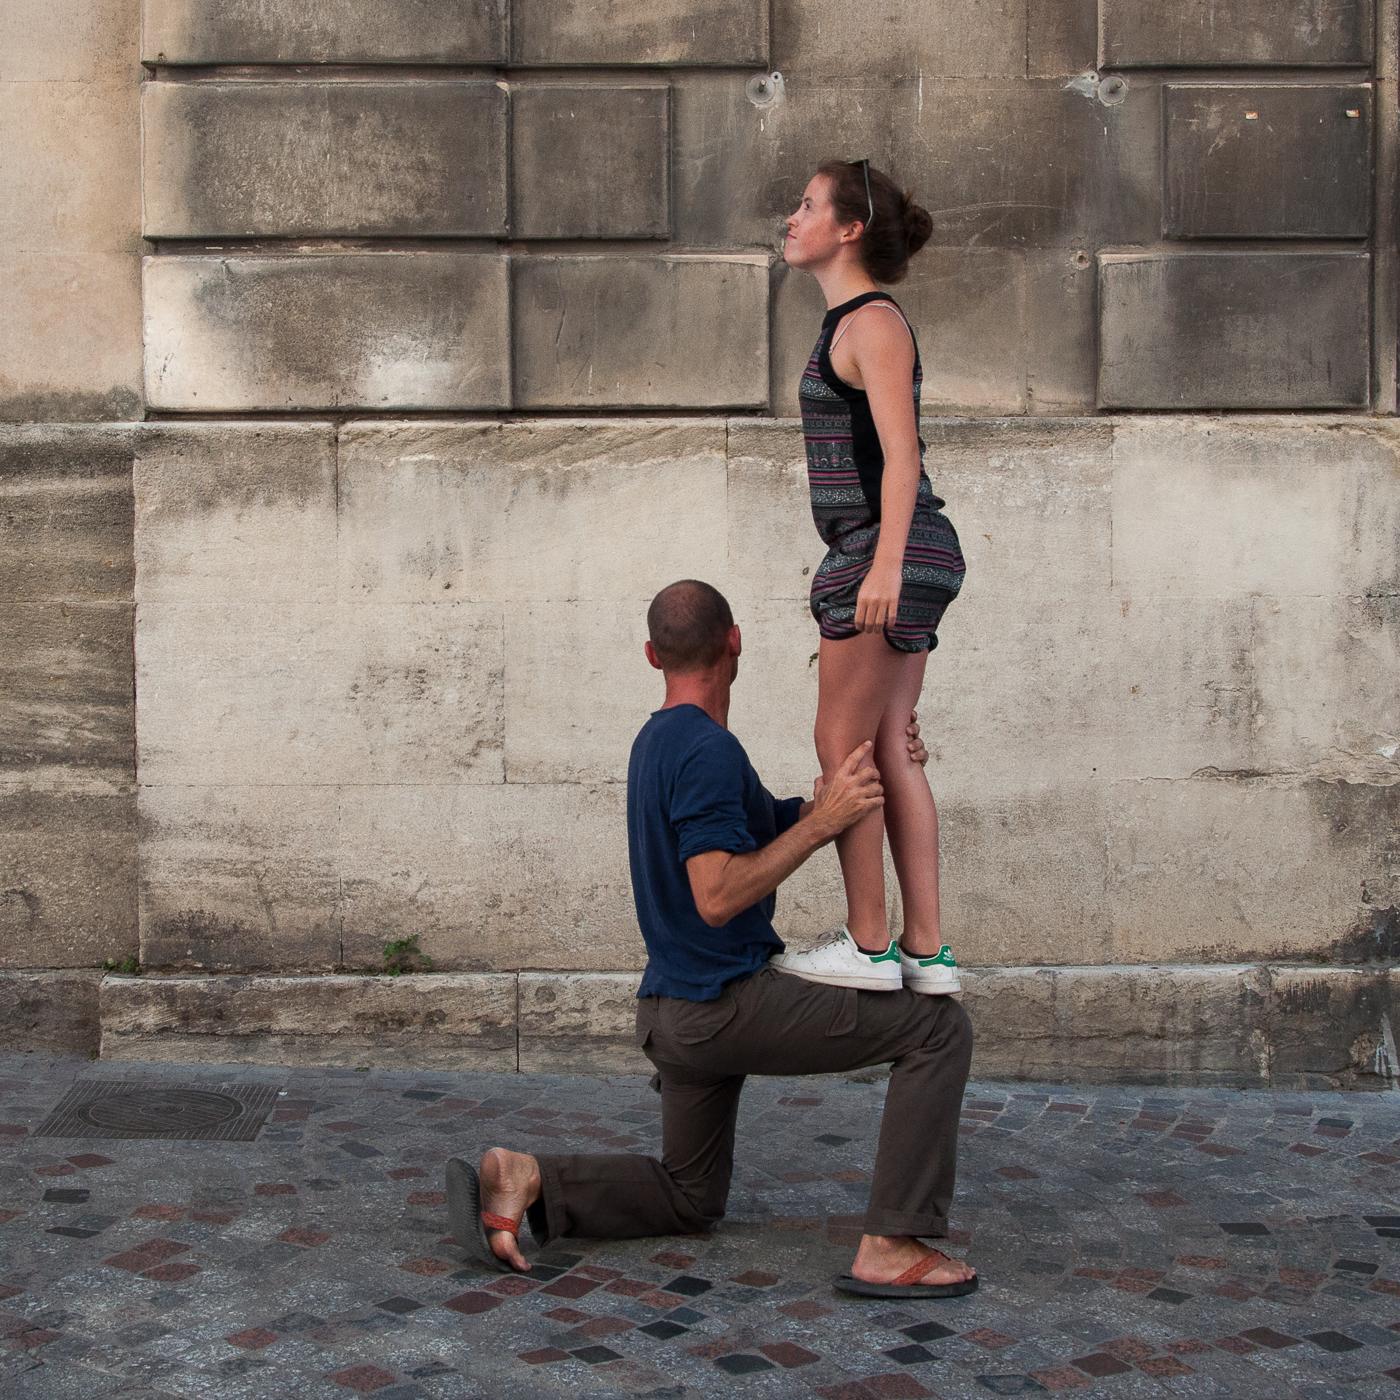 Arles 2015 - Equilibre de profil